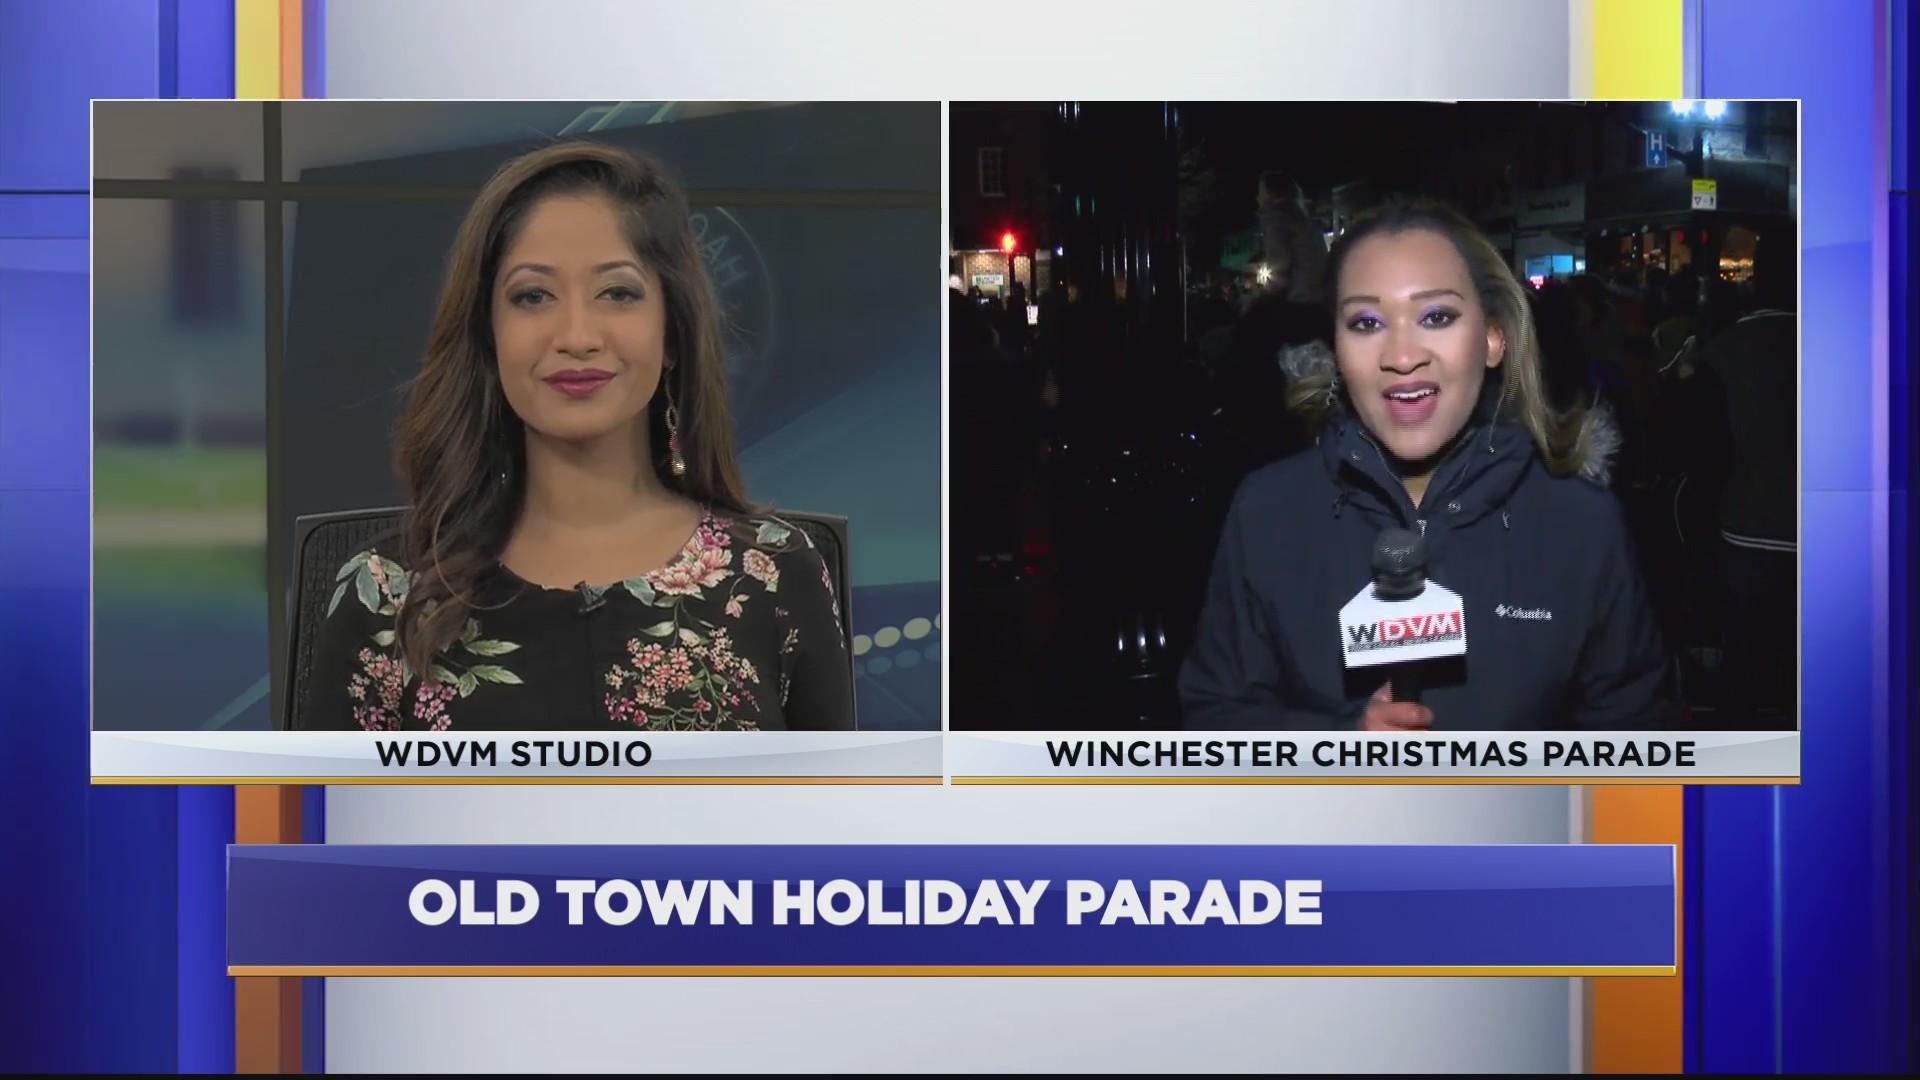 LIVE_Christmas_parade_0_20181127001414